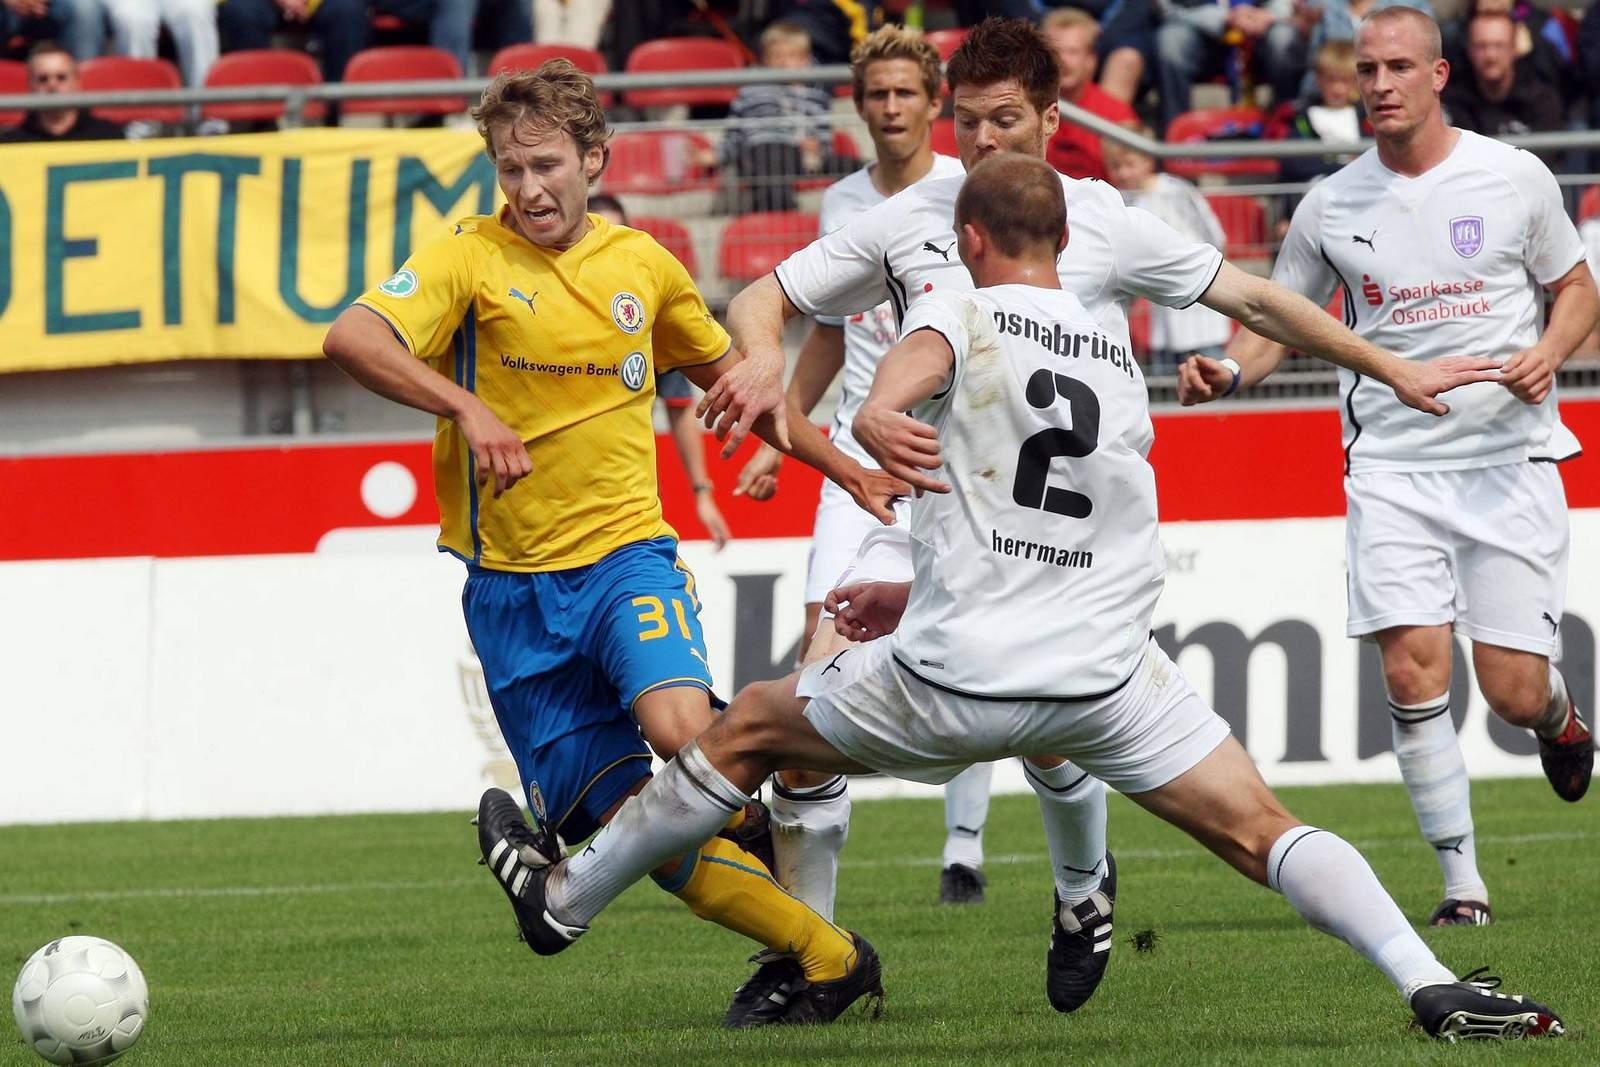 Setzt sich die Eintracht daheim gegen den Spitzenreiter durch? Jetzt auf Braunschweig gegen Osnabrück wetten.